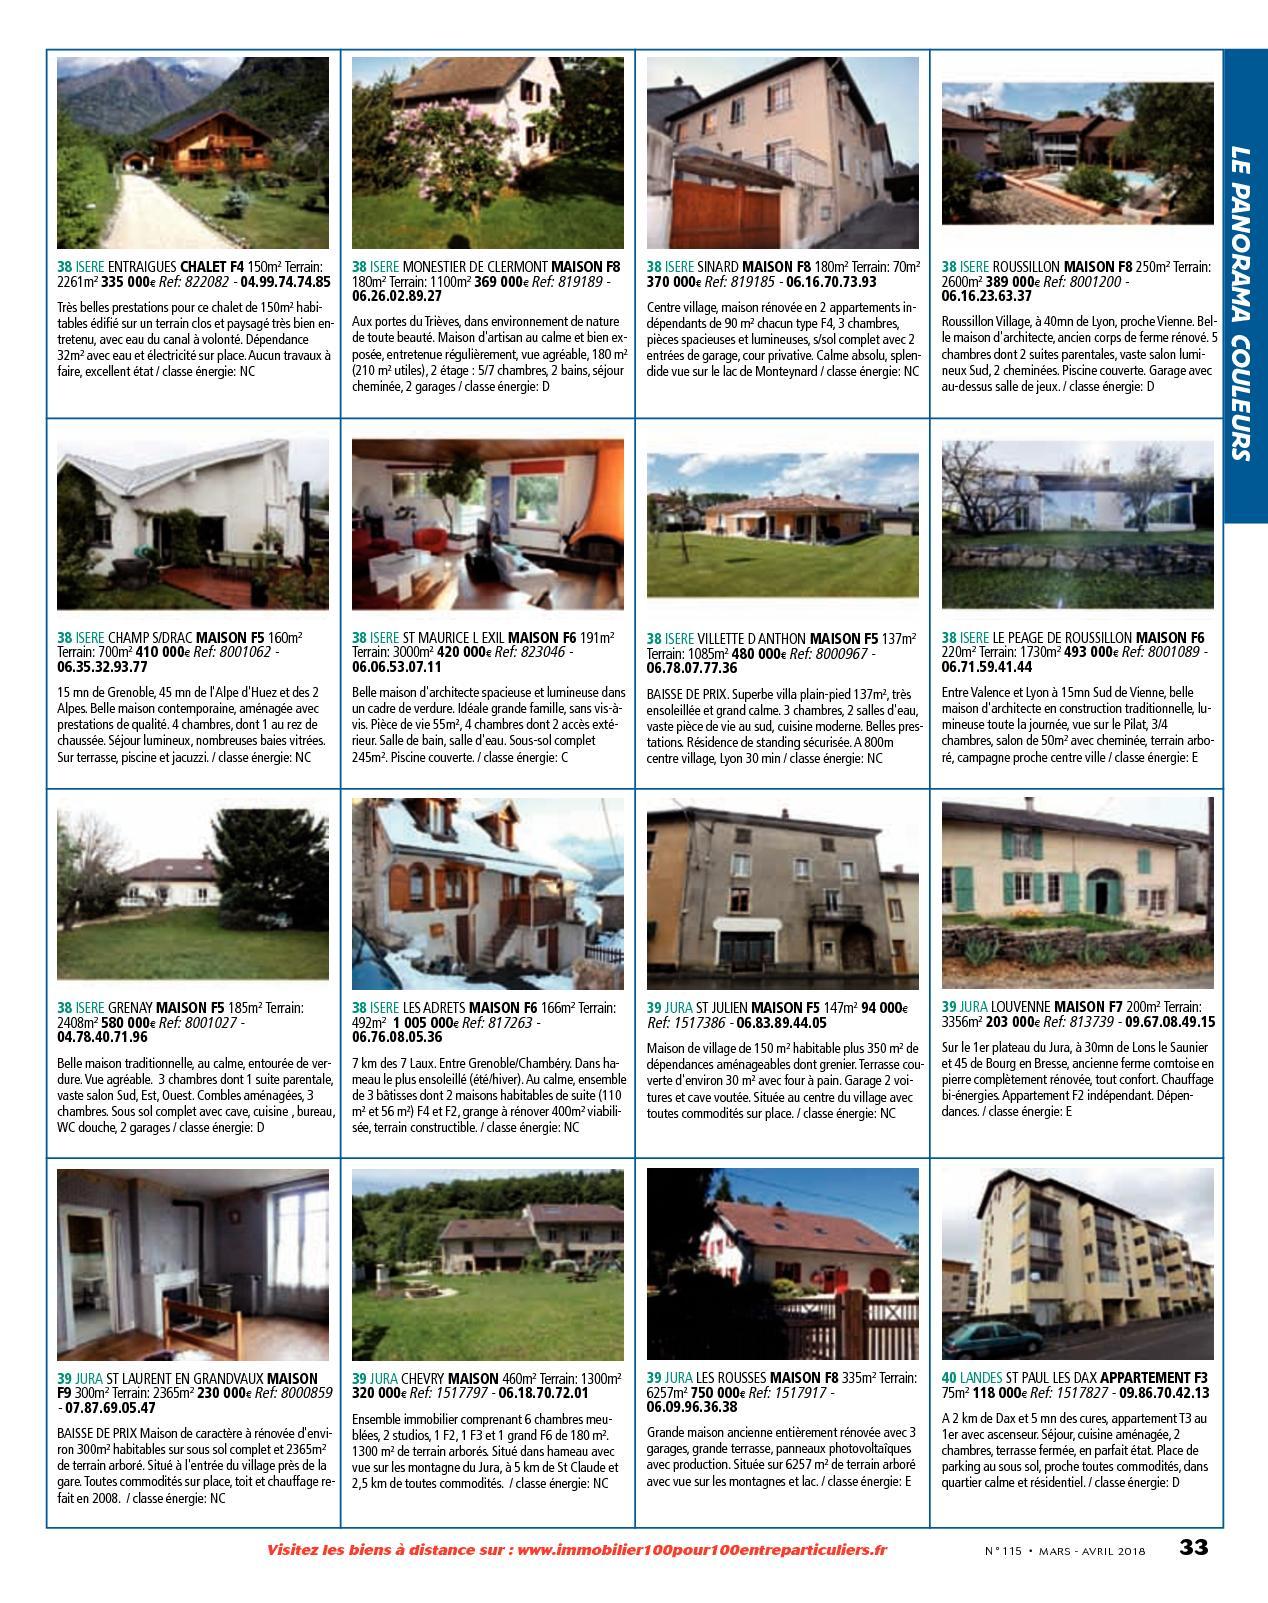 Accessoires Salle De Bain Inox Castorama ~ L Immobilier 100 Entre Particuliers Appelimmo N 115 Mars